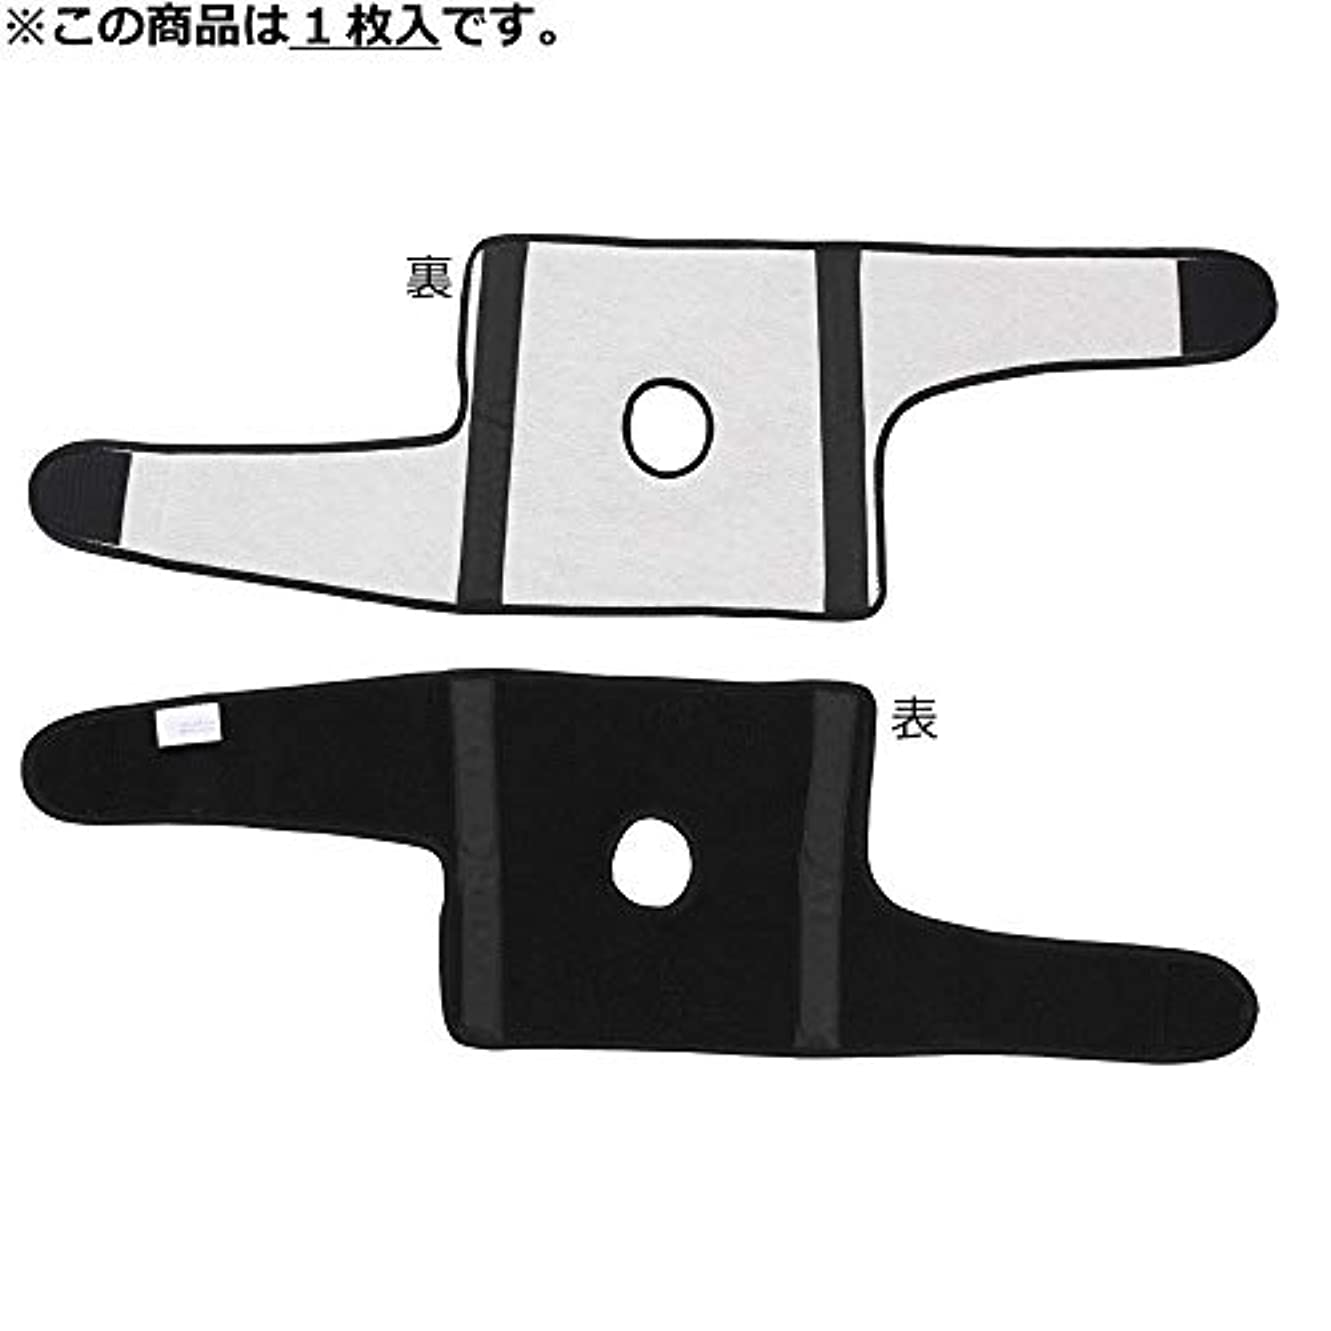 ボスブレイズ弁護竹虎 戸田先生のZ型膝ベルト(1枚入) ブラック L 026070